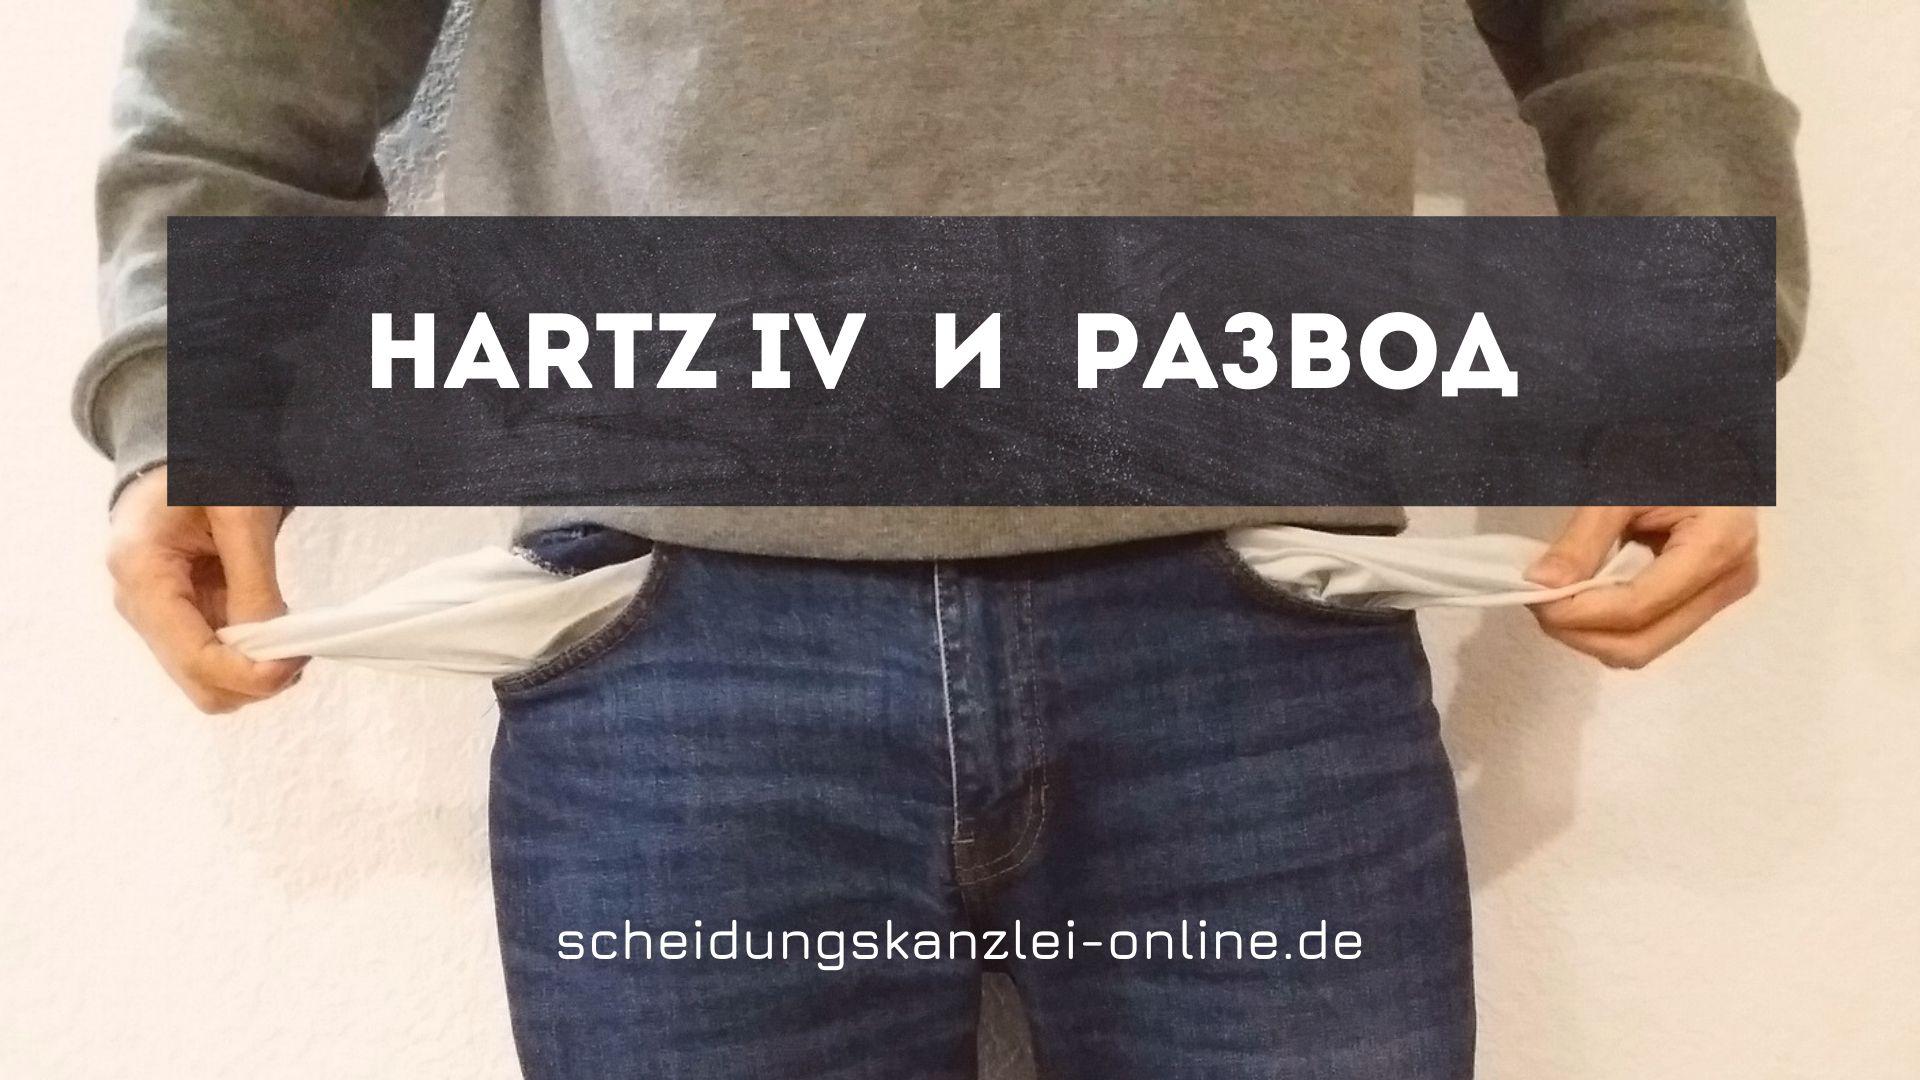 Особенности расторжения брака получателей пособия по безработице (Hartz IV)